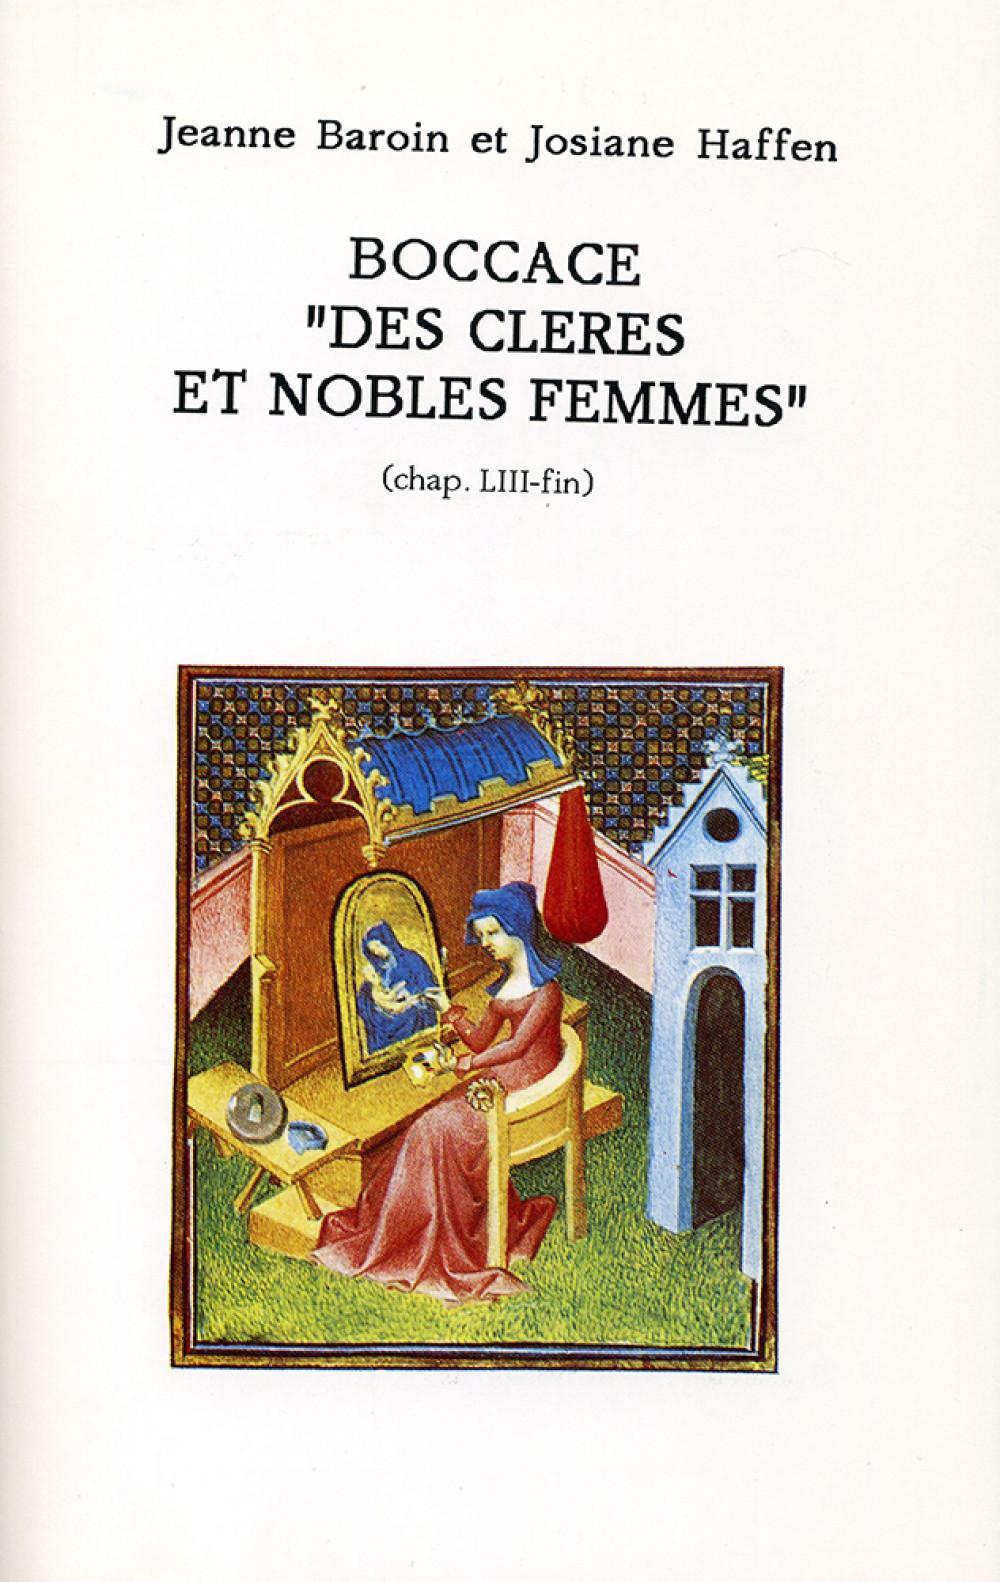 """Boccace """"Des cleres et nobles femmes"""" (chap.LIII-fin)"""